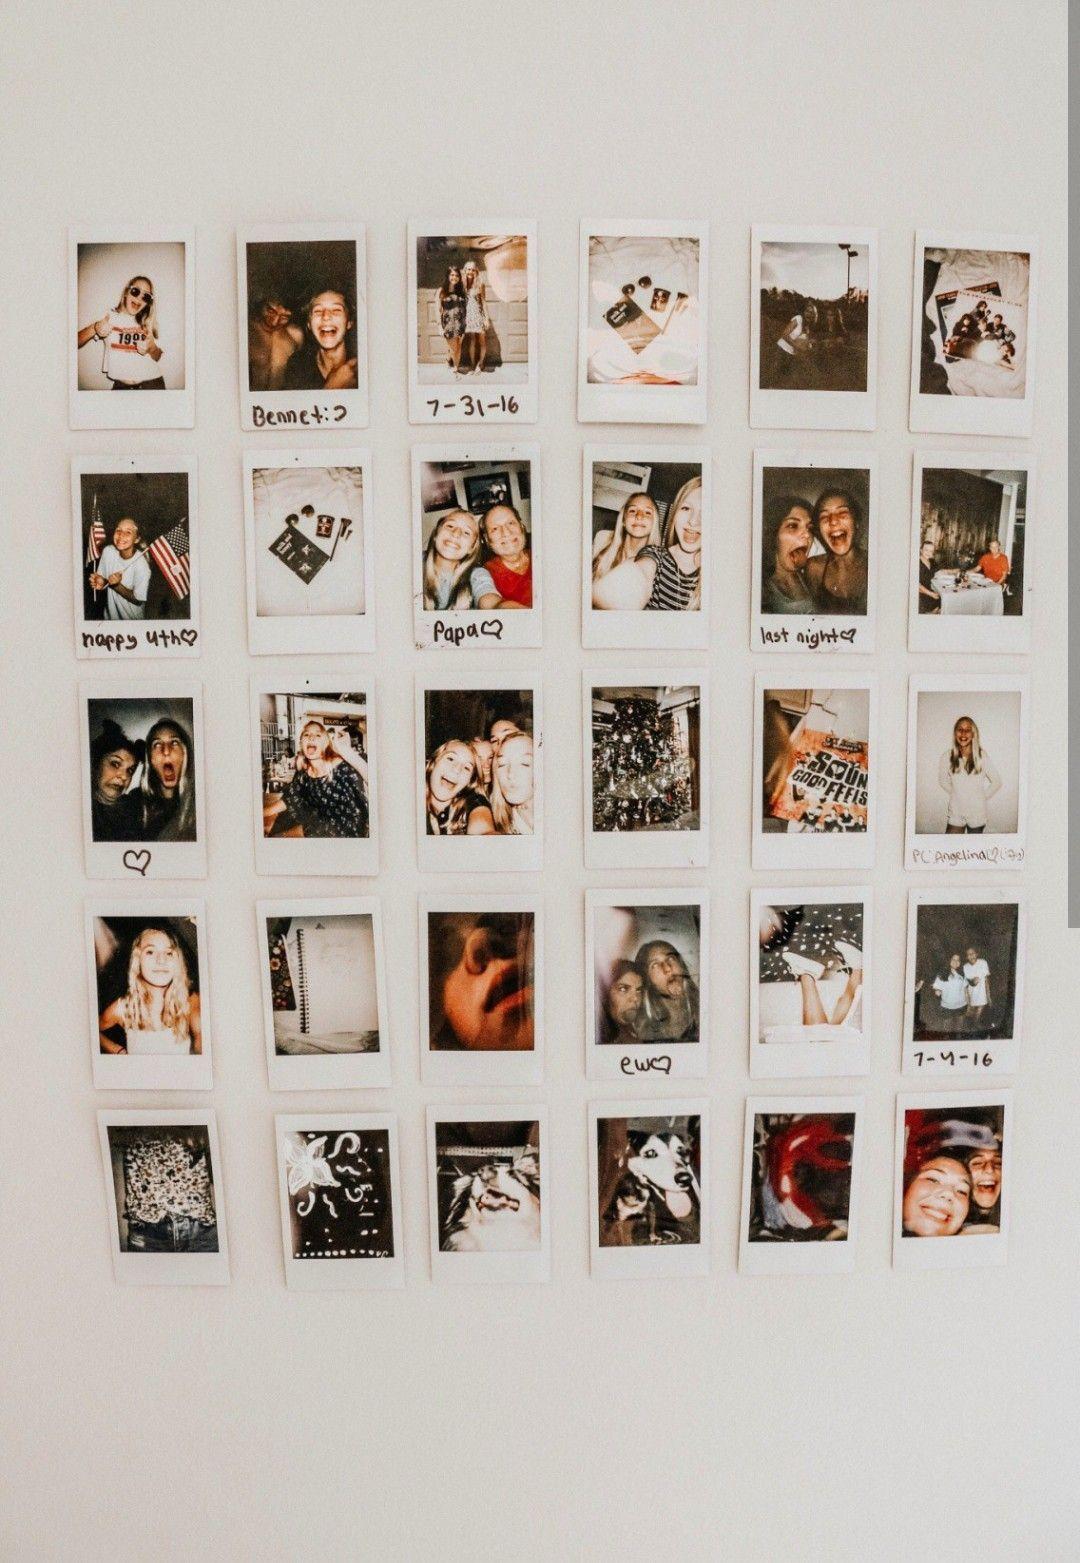 Vsco Photography Polaroid Memories Artsy Aesthetic Strangertumblr Polaroid Bilder Polaroid Room Polaroid Wall Polaroid Pictures